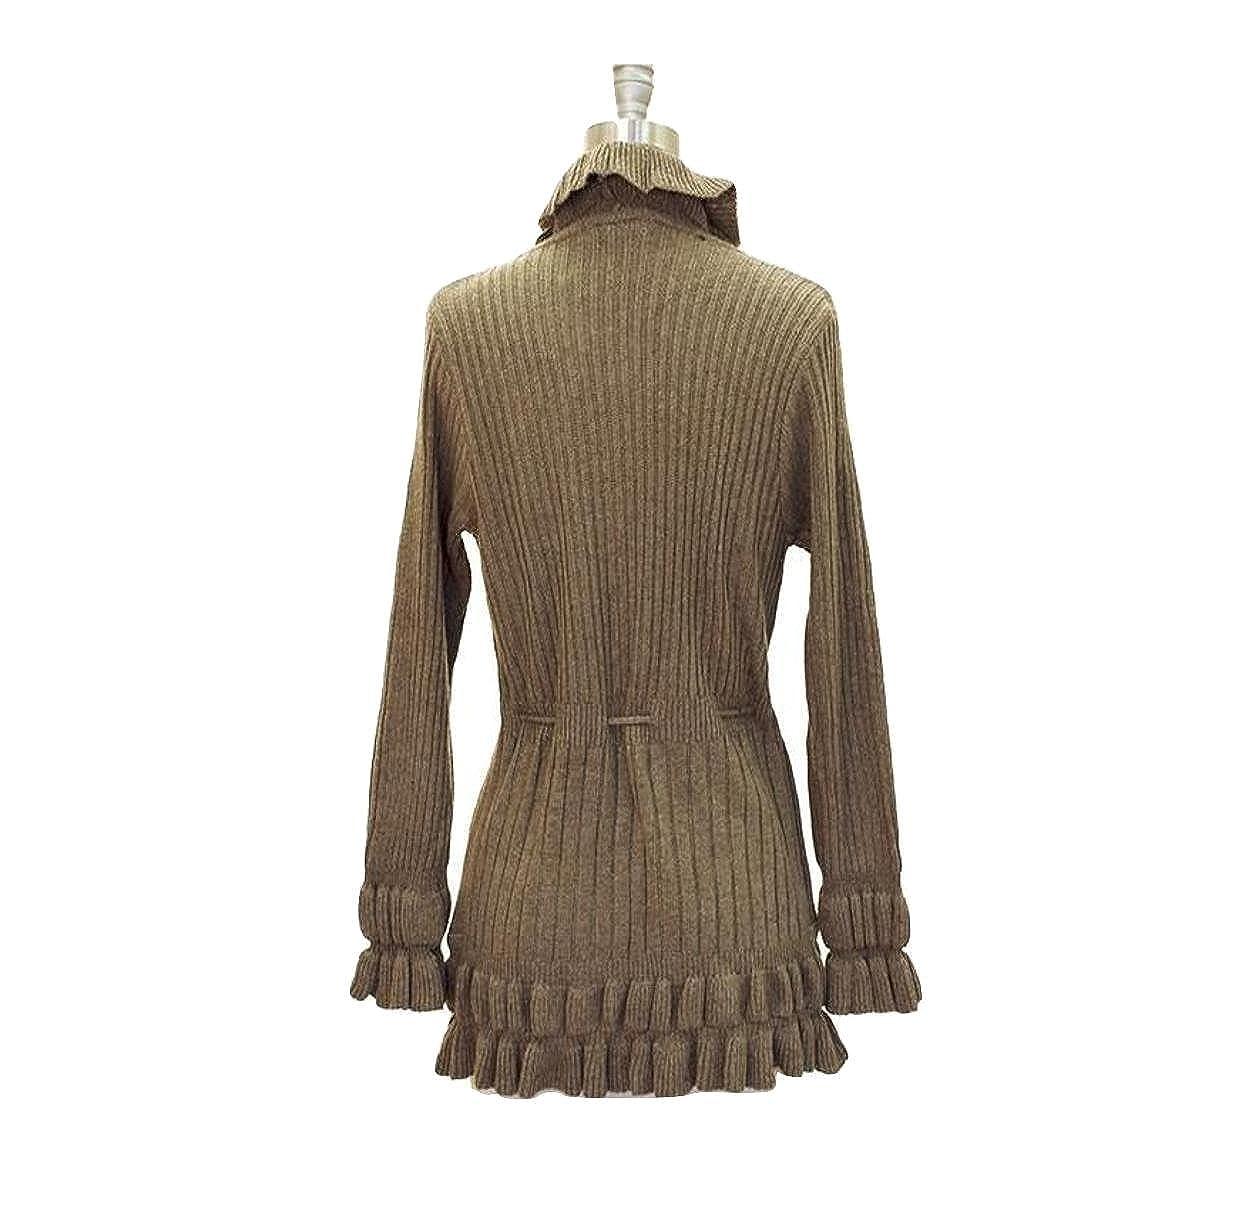 044641e45a6 Jon & Anna New York Ruffle Cardigan Sweater